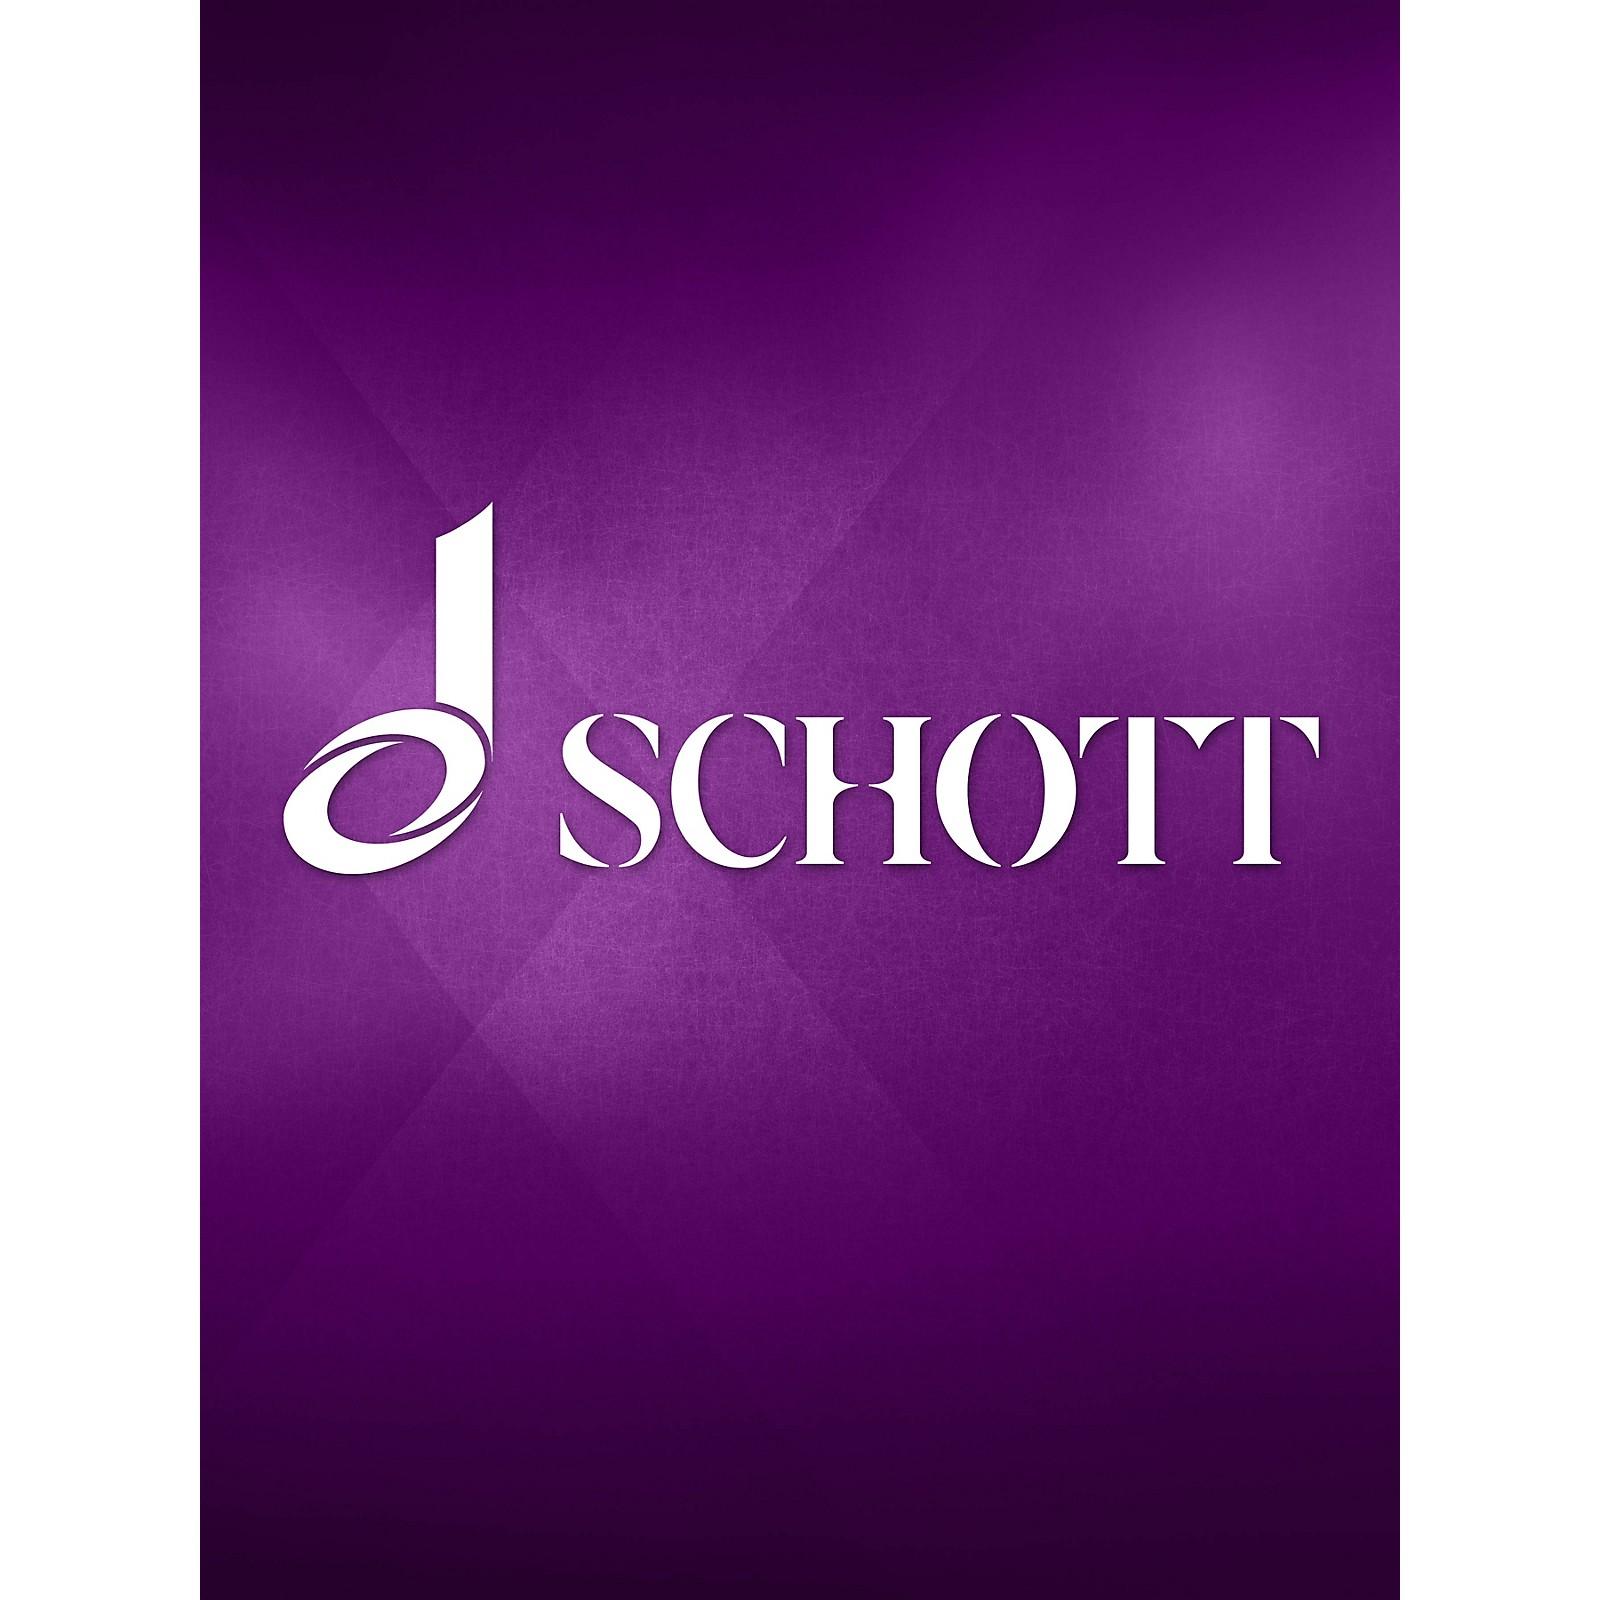 Eulenburg Sonata in G minor (The Devil's Trill) - for Violin and Piano Schott Series